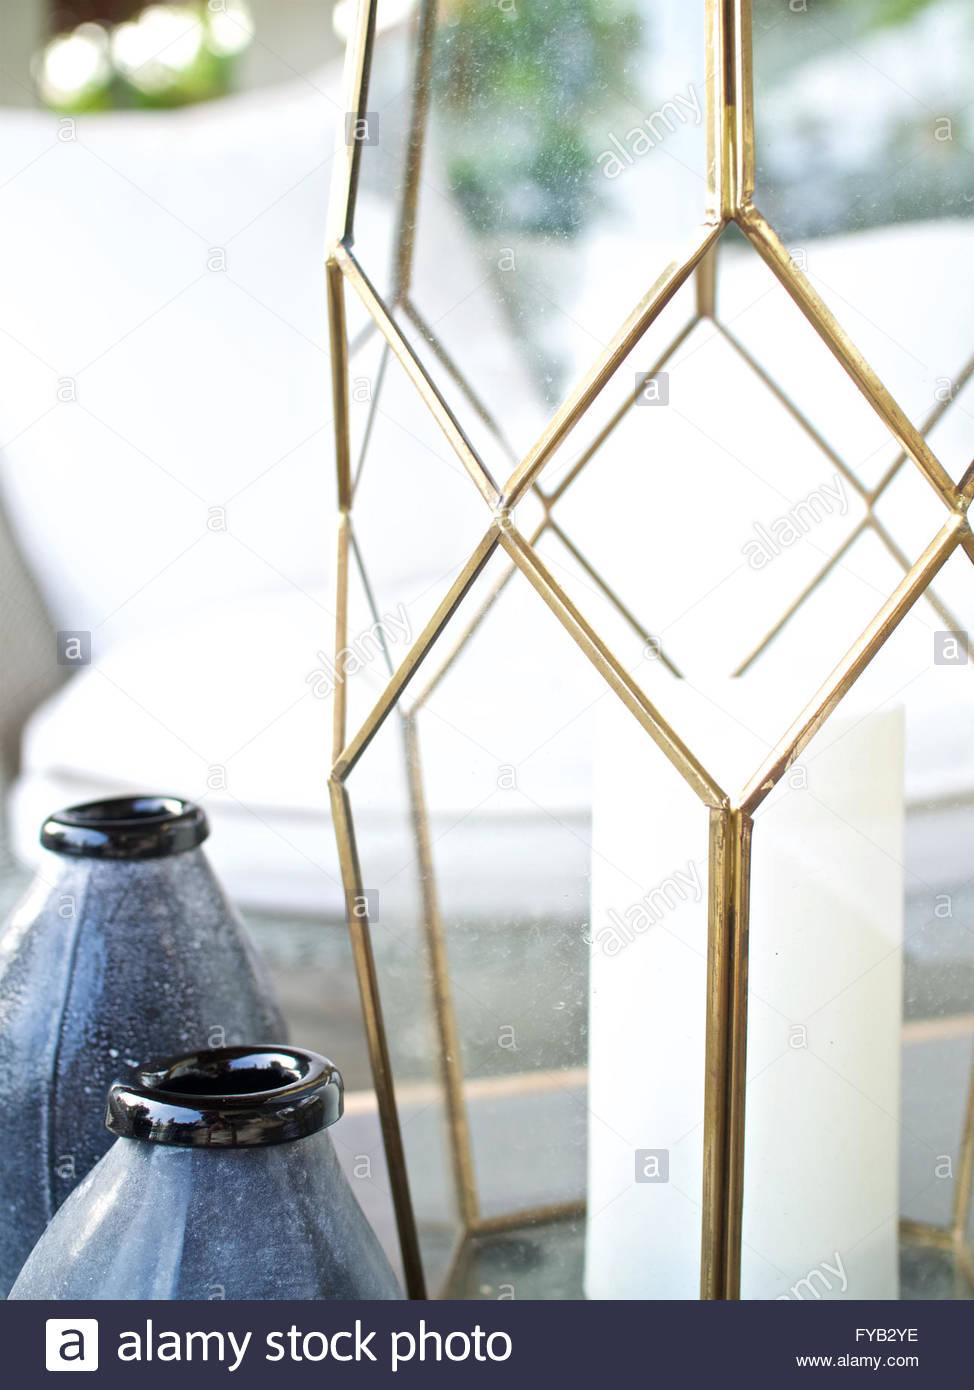 Full Size of Lampe Modern Moderne Sur Pied Ikea Pour Salon Maison Du Monde De Plafond A Poser Pas Cher Bois Pieds Kijiji Meuble Stehlampen Wohnzimmer Esstische Lampen Wohnzimmer Lampe Modern